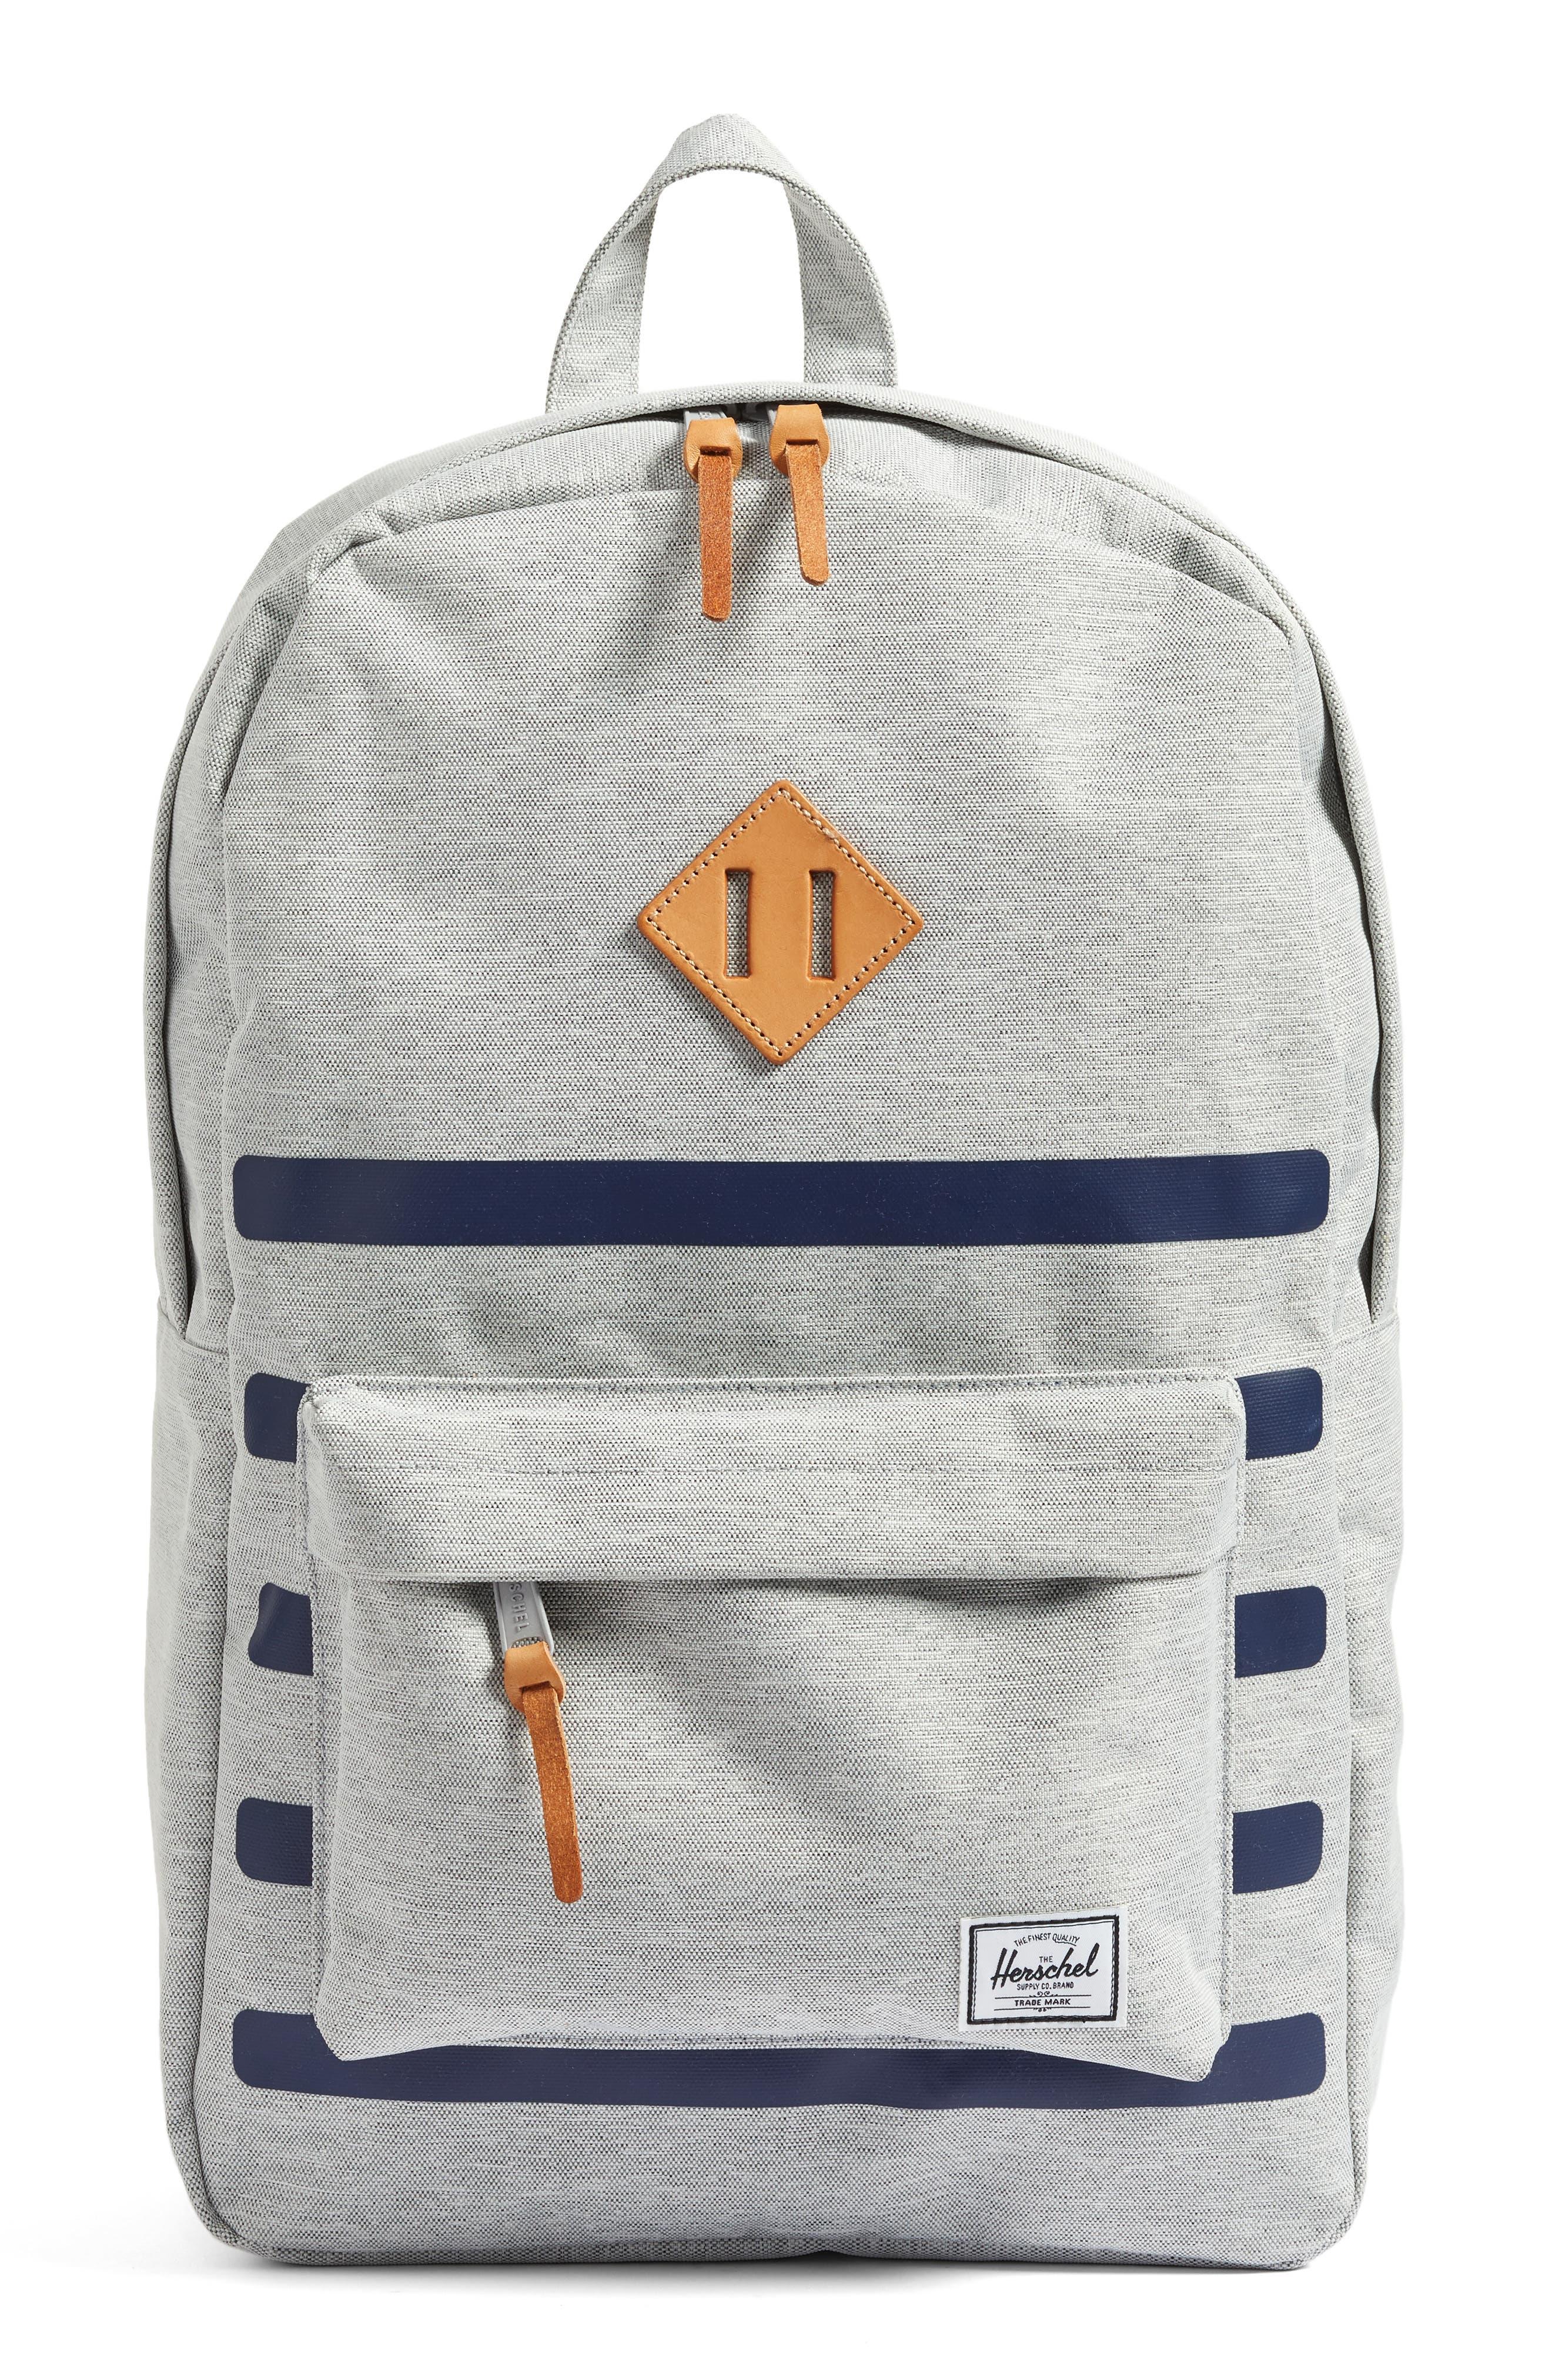 Alternate Image 1 Selected - Herschel Supply Co. Heritage Offset Backpack